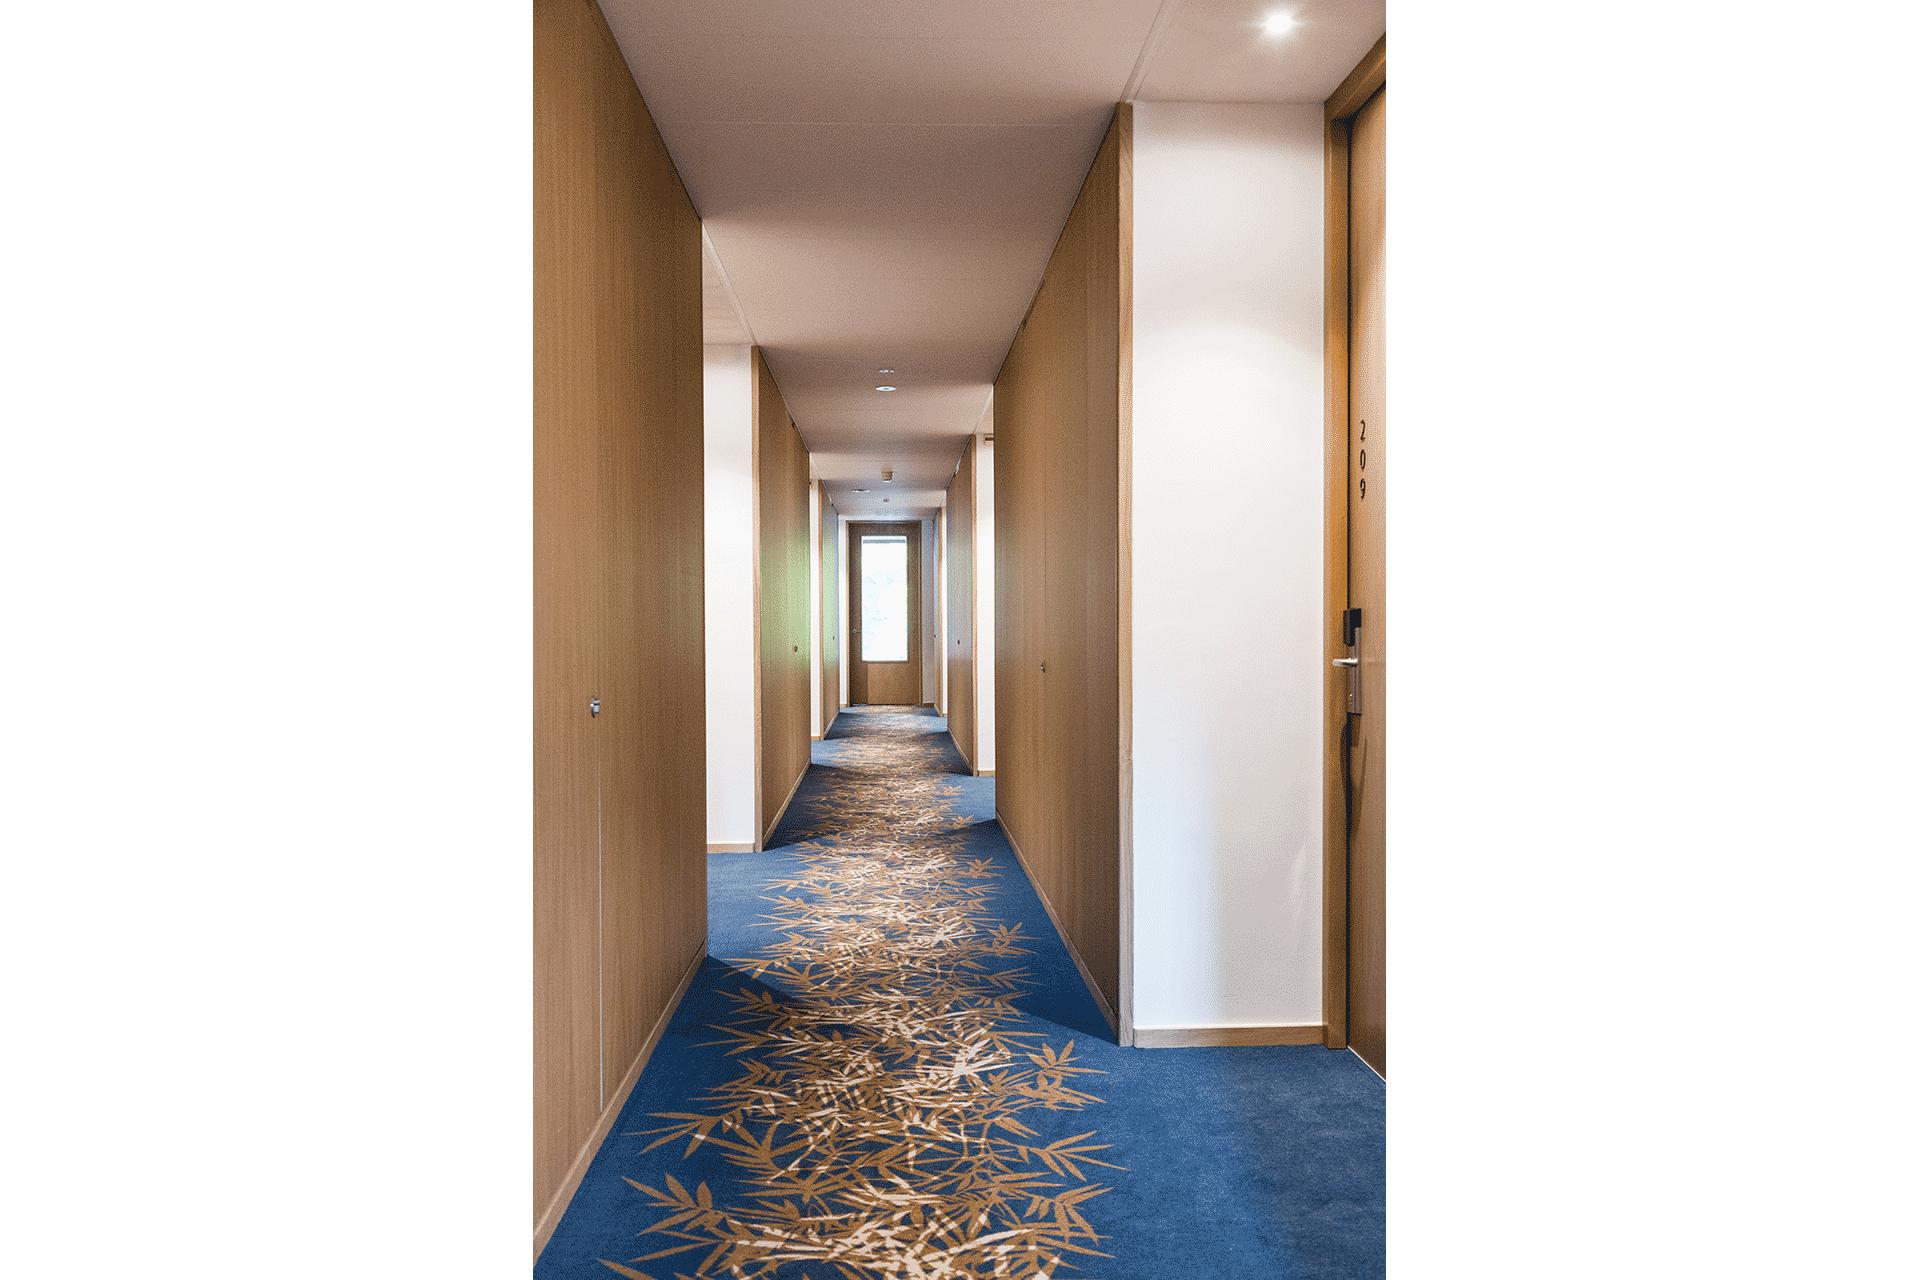 hotel gang hotelgang patroon vloer vloerbedekking hout lambrisering duurzaam blauw